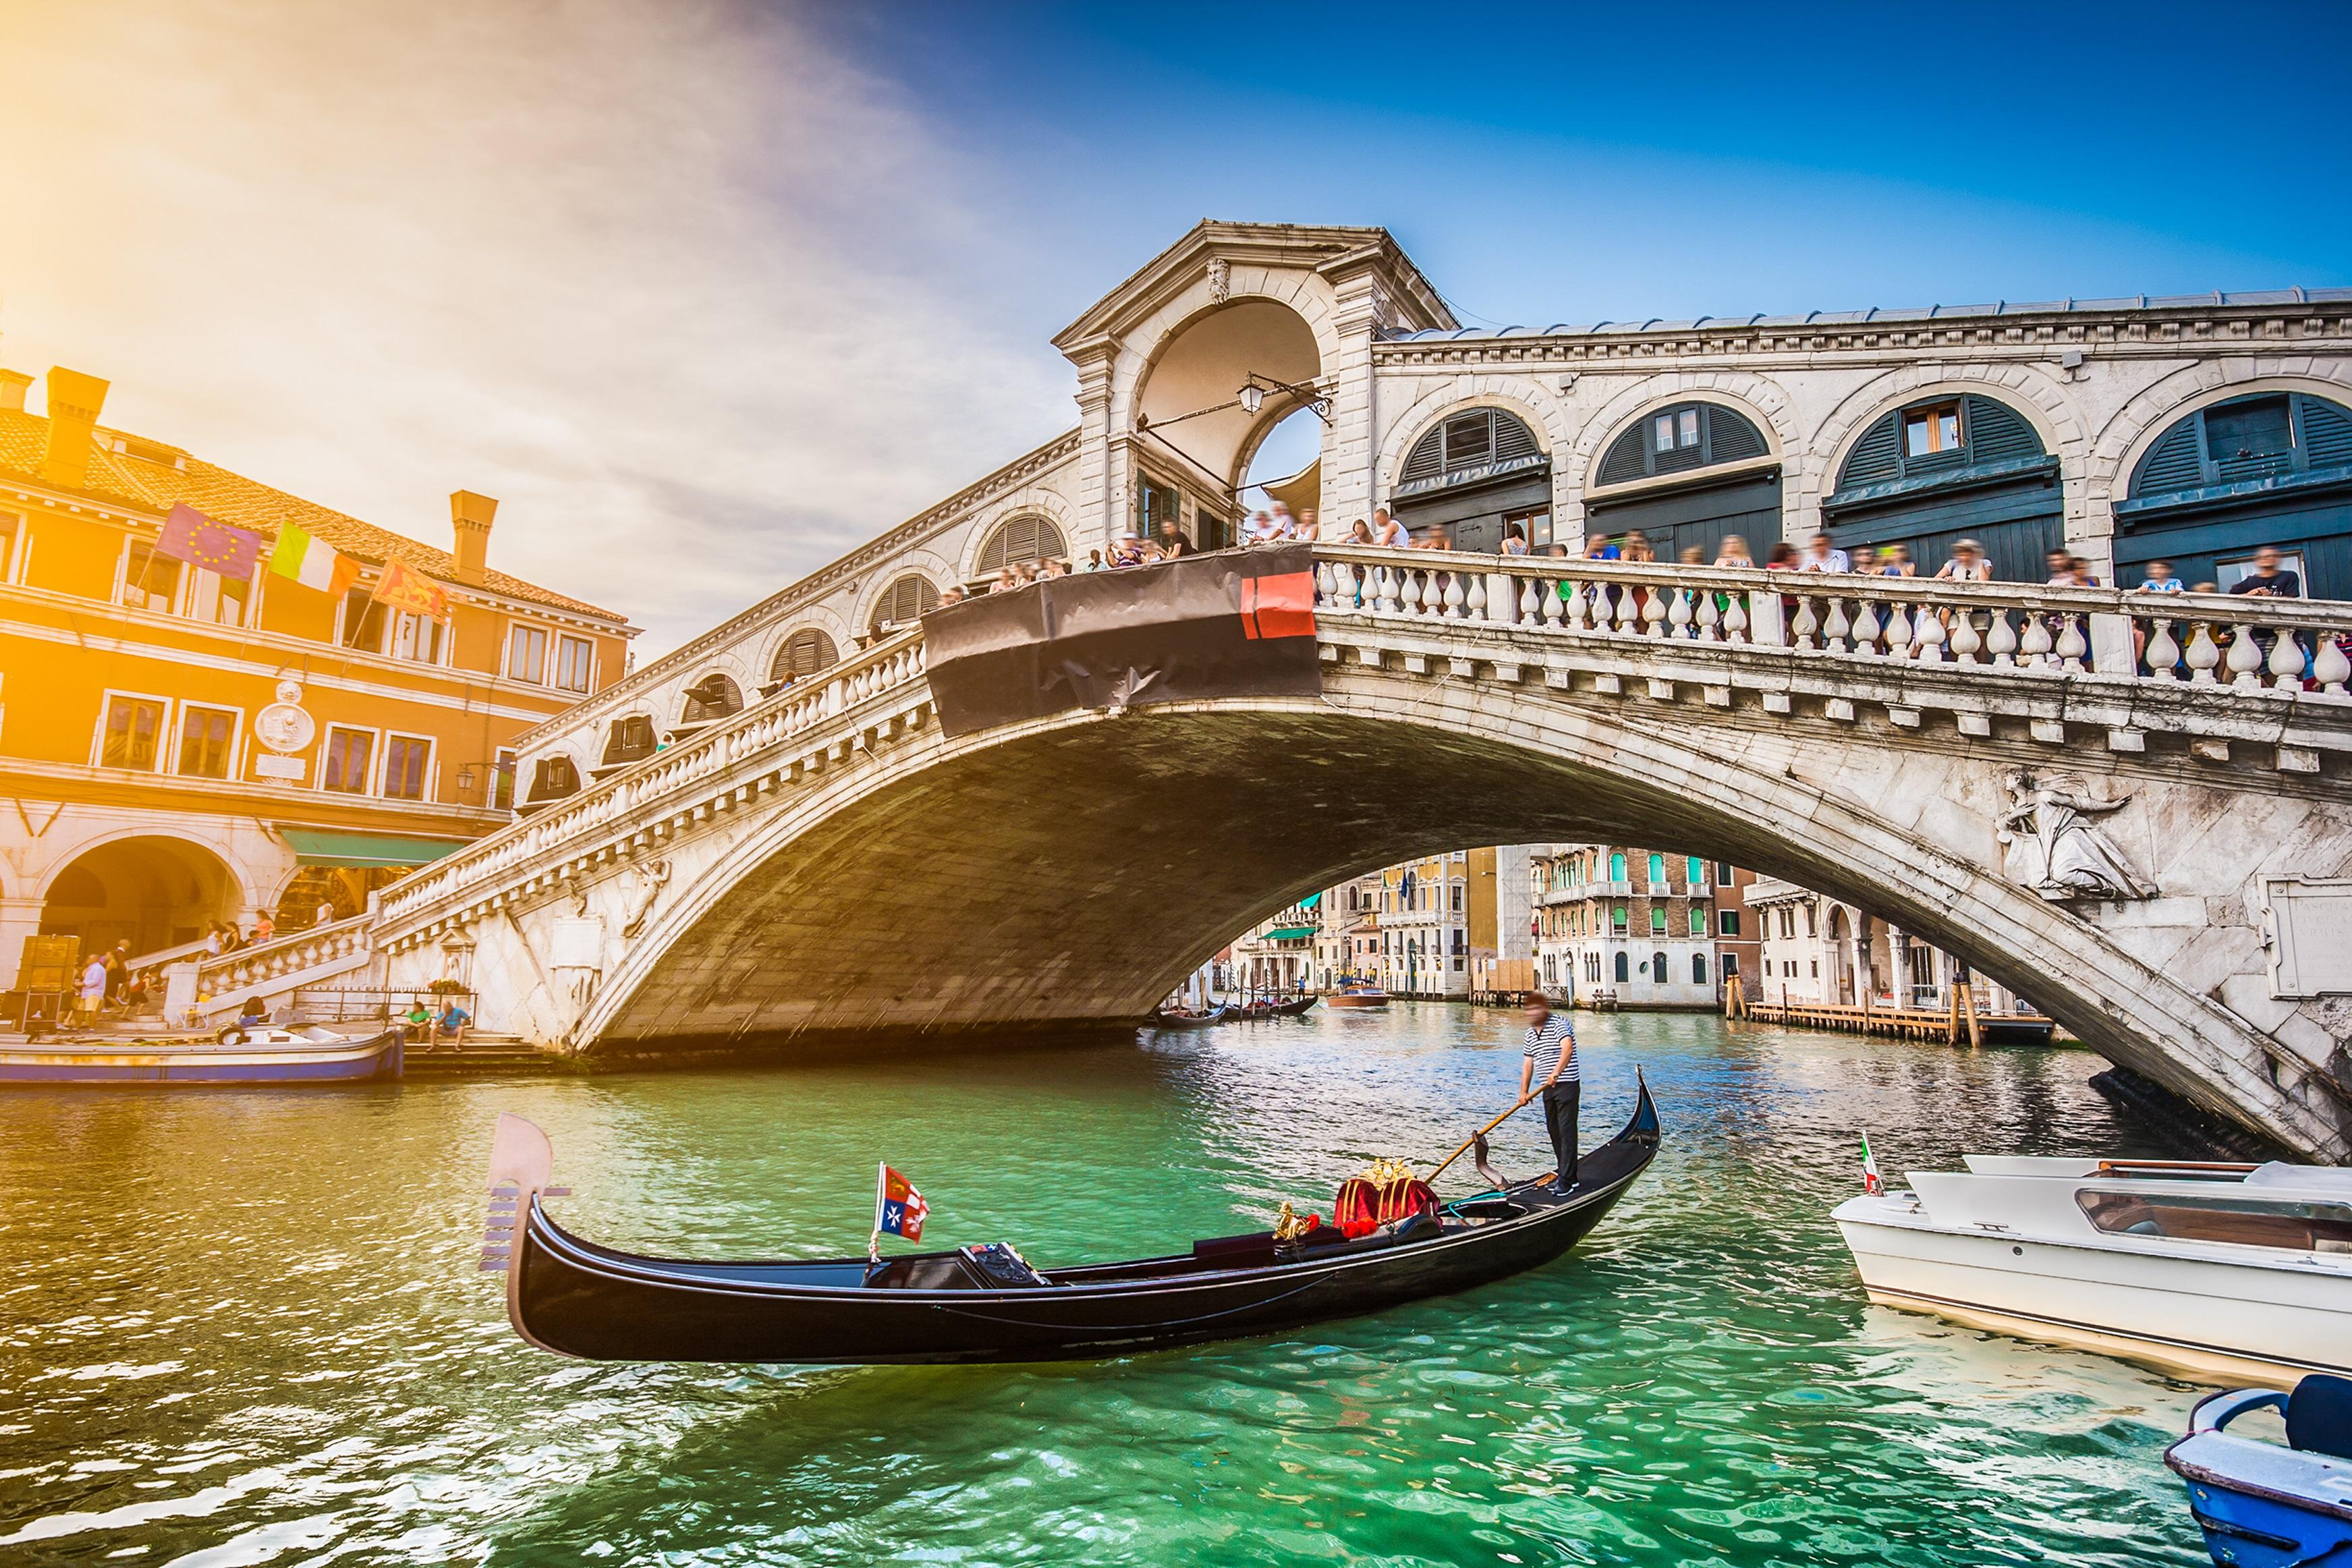 <p><strong>Риалто (Венеция, Италия)</strong></p>  <p>Мостът от XVI в. пресича най-тясната точка на Канале Гранде във Венеция и се счита за голям подвиг на архитектурата от епохата на Ренесанса. Елегантна арка, изпълнена с каменни релефи, Риалто заменя дървена конструкция, съществувала тук от XII в. и днес е най-старият мост, над известния канал.</p>